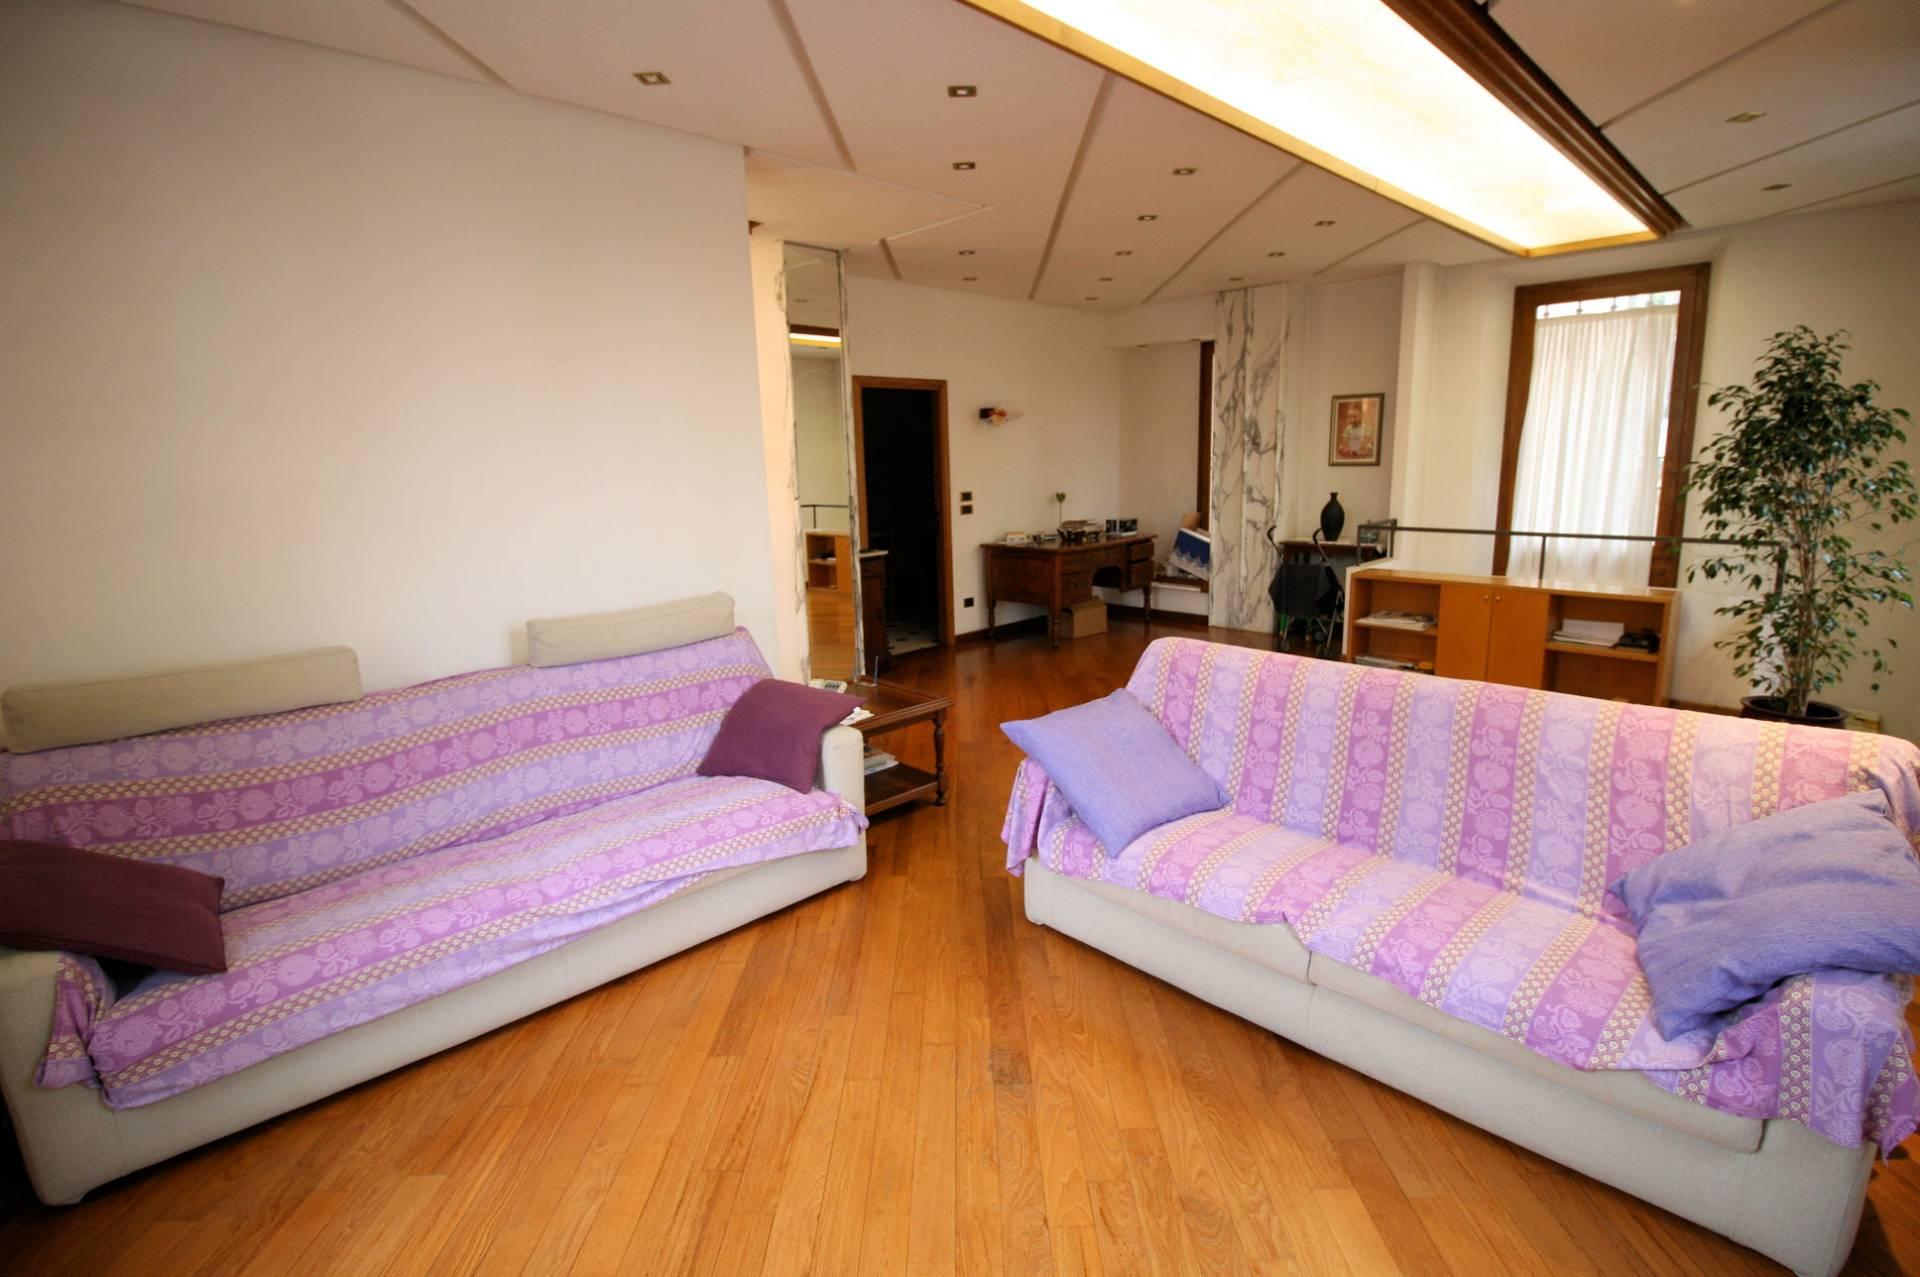 Villa Bifamiliare in vendita a Montecatini-Terme, 9 locali, prezzo € 590.000   CambioCasa.it